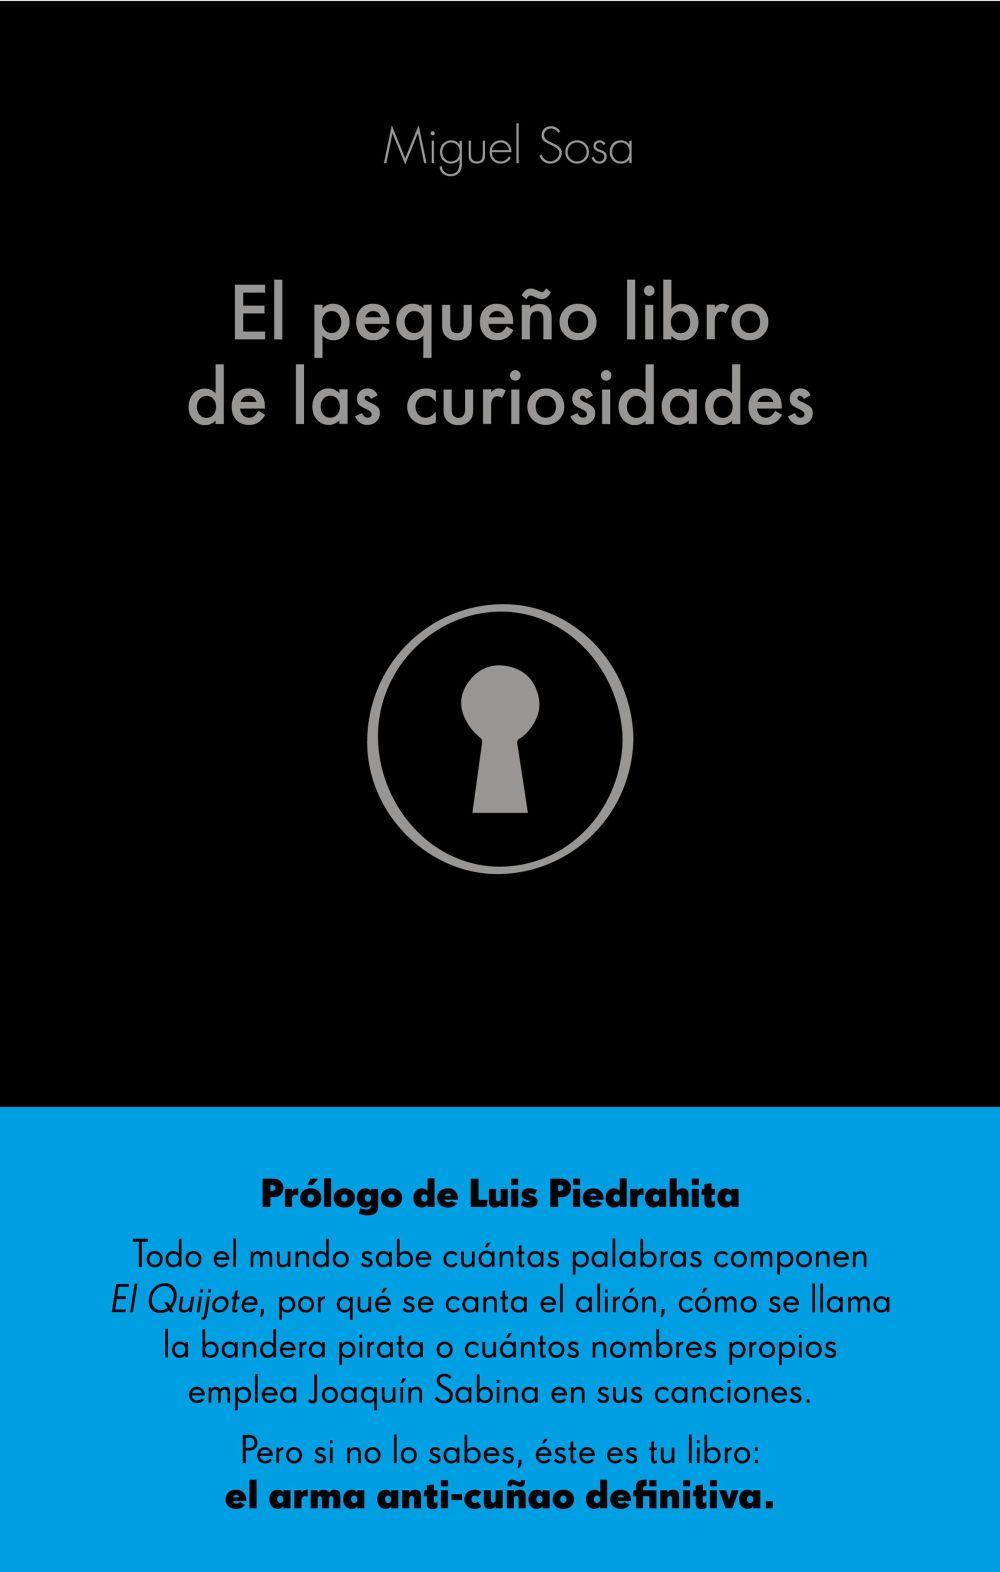 portada_el-pequeno-libro-de-las-curiosidades_miguel-sosa-lazaro_201802221020